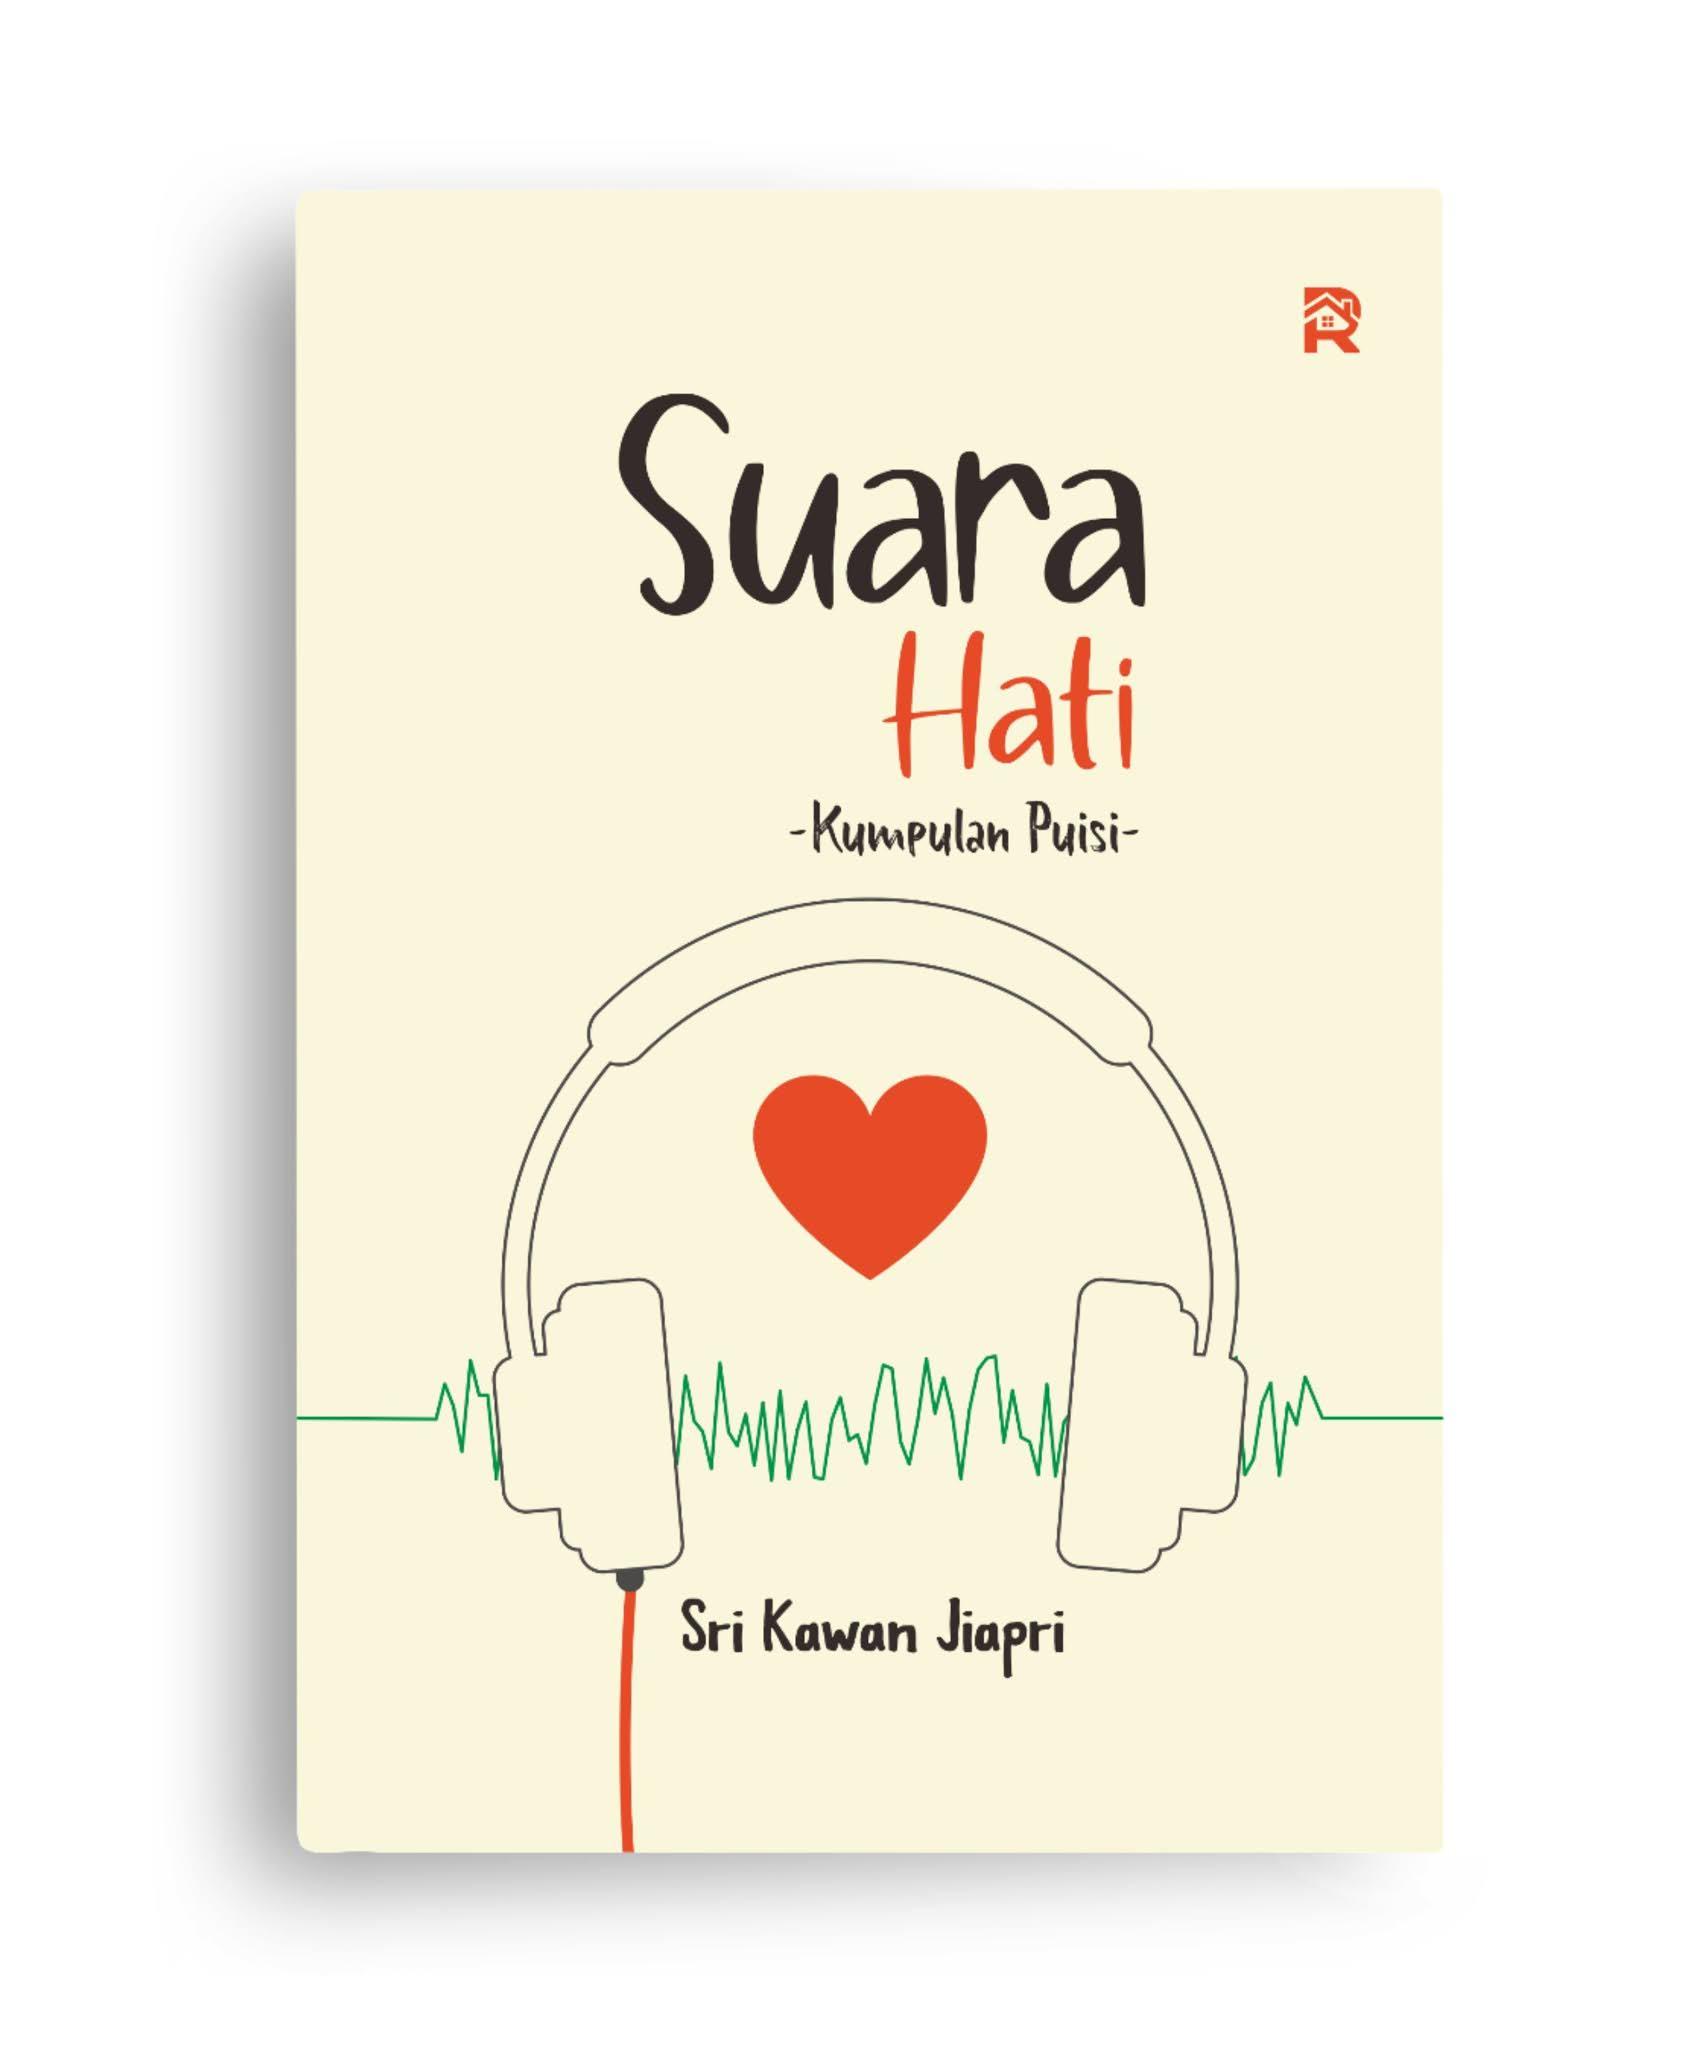 Suara Hati